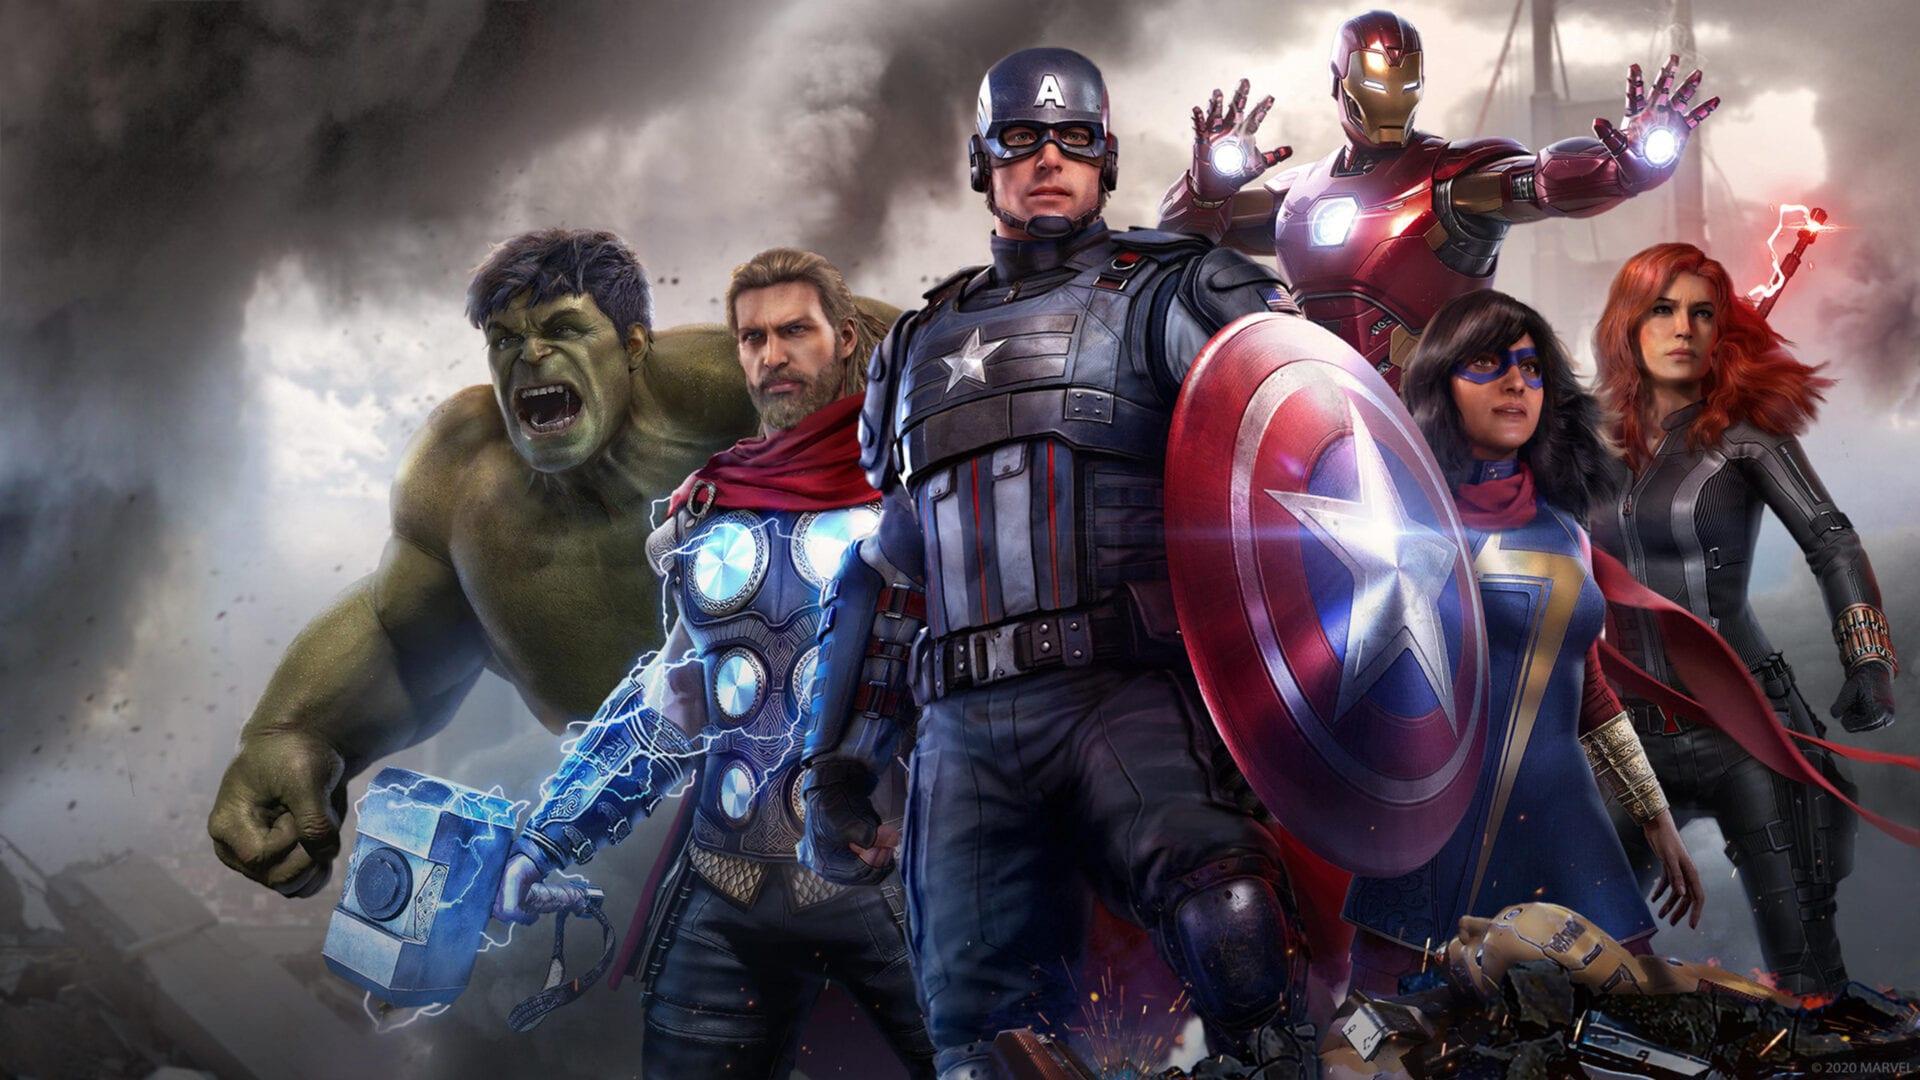 Marvel's Avengers, Hawkeye, release date